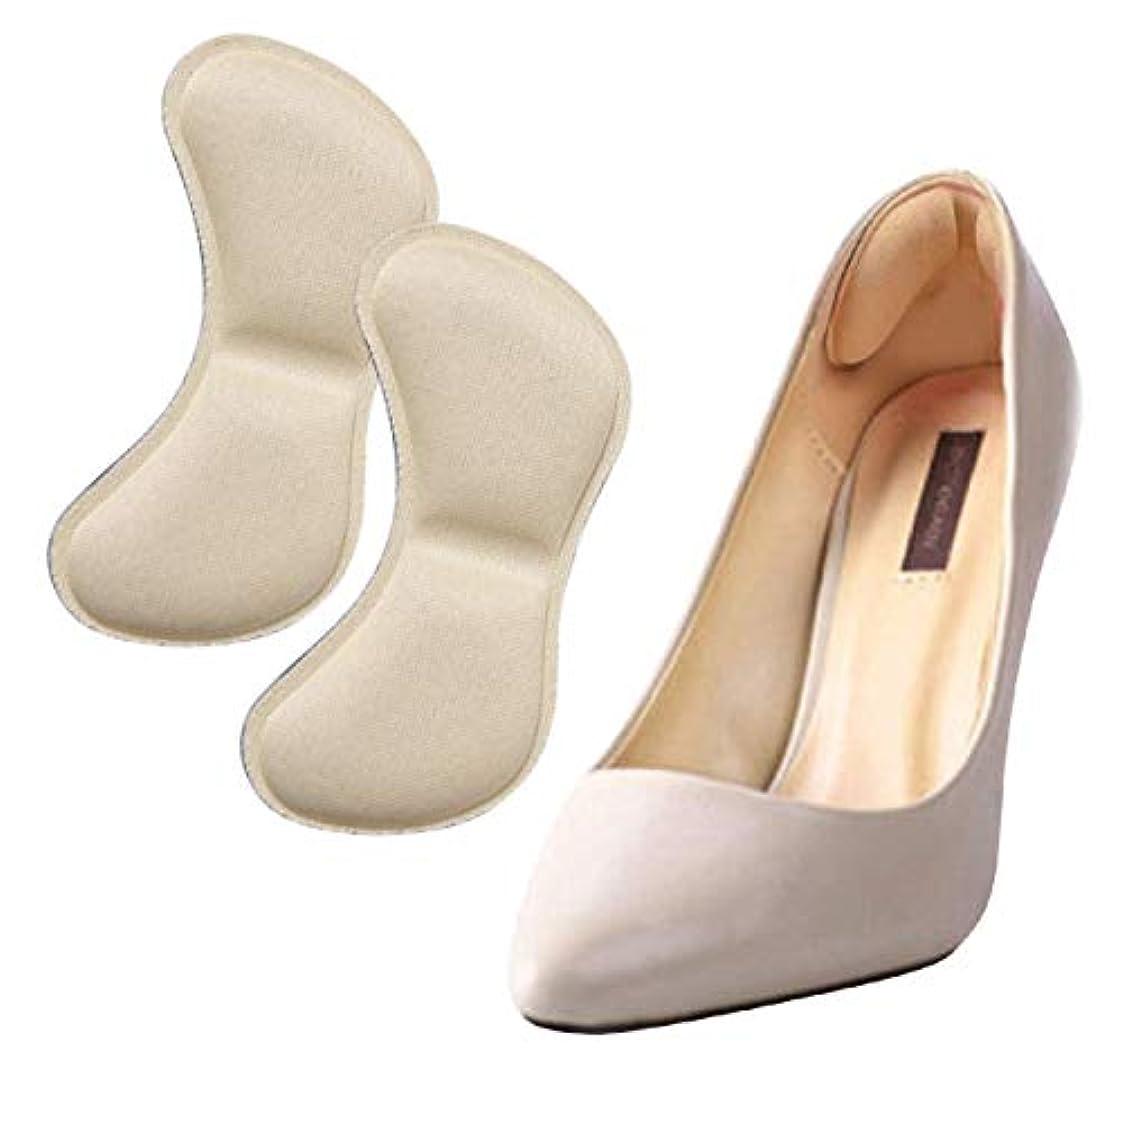 くぼみ不忠回転するsac taske かかとパッド レディース 靴ずれ 防止 パッド かかと 足用 ヒール 保護 10足 (ベージュ 10足セット)